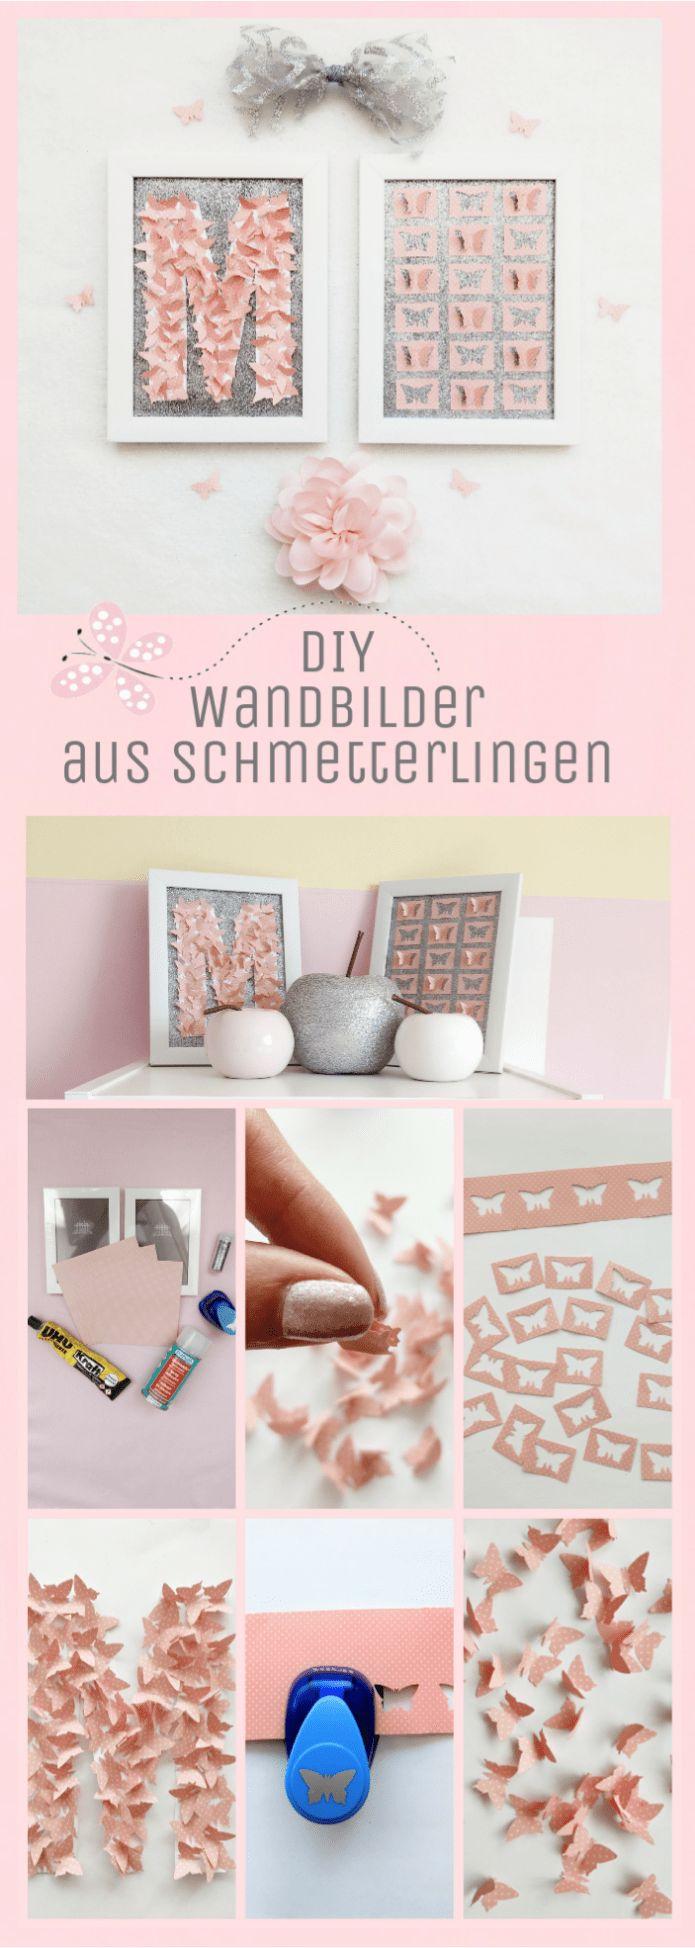 3D Wandbilder selbstgemacht – originelles Monogramm aus einem Motivstanzer mit Schmetterlingen basteln